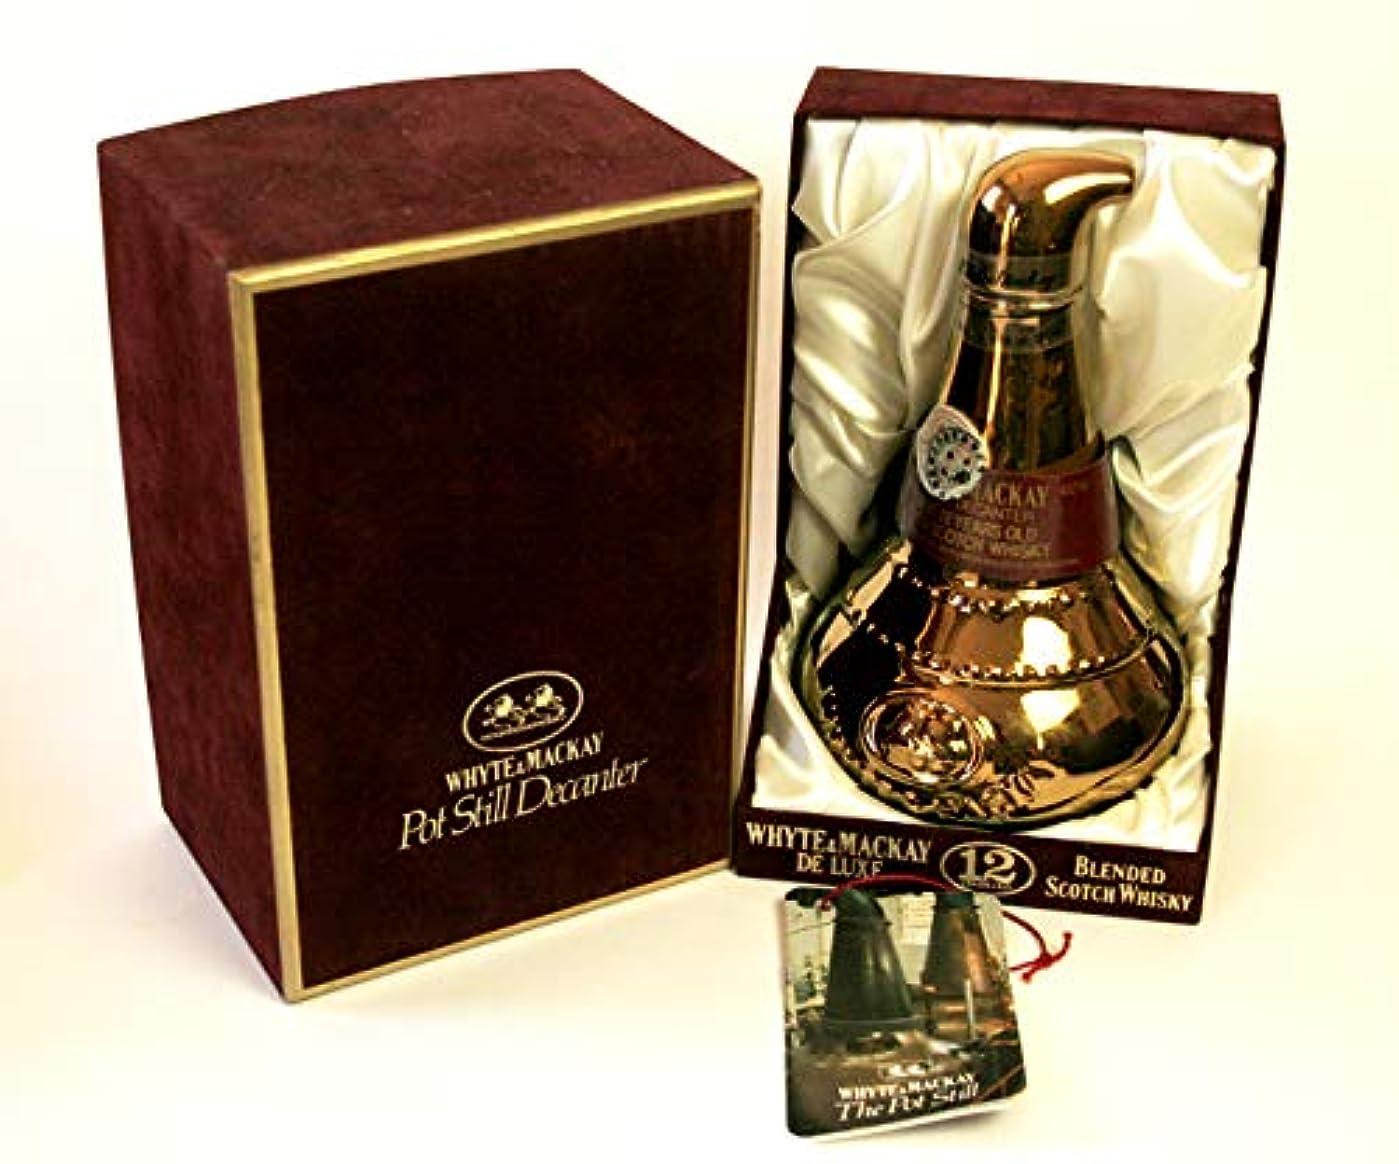 手書き好ましいスモッグ[古酒] ニッカ キングスランド ポットスチルボトル 12年 ベルベット調箱付 1983年発売